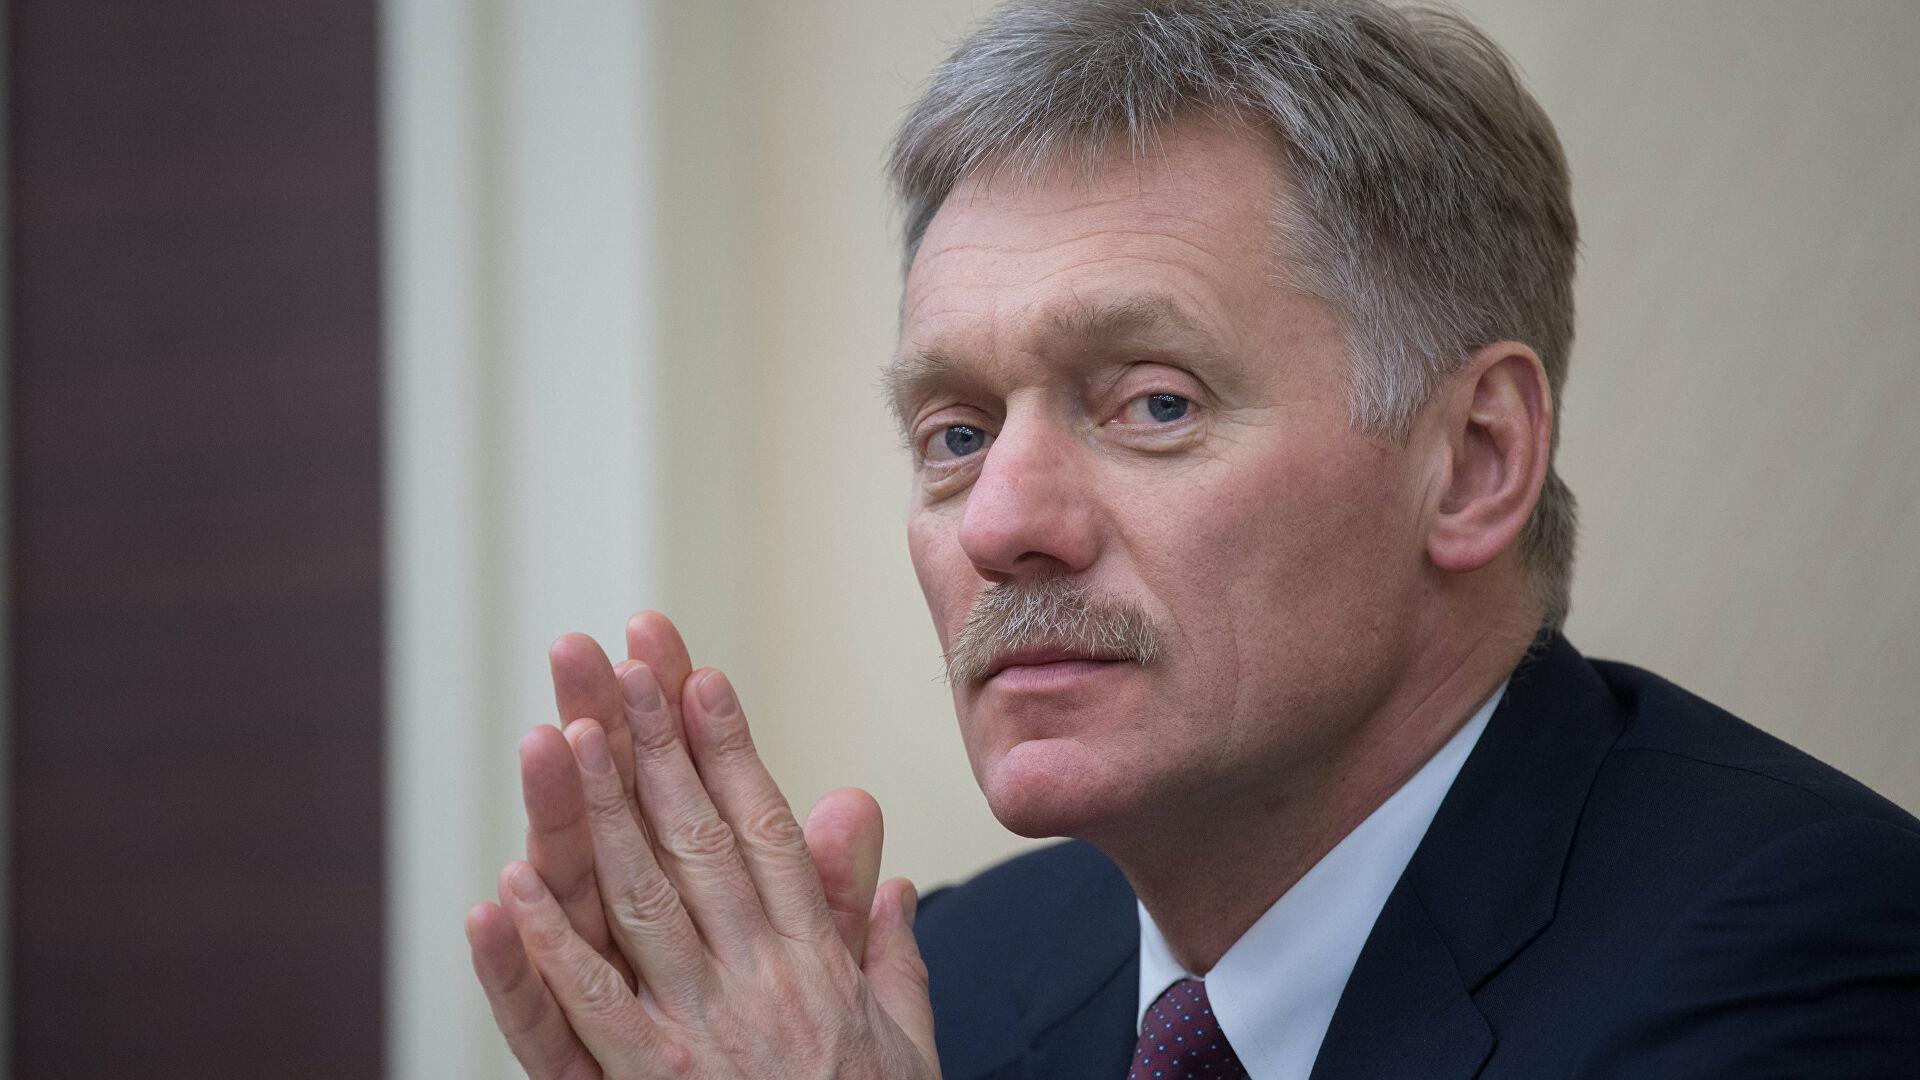 """Песков: Санкције против """"Северног тока 2"""" су чист хибридни рат праћен нелојалном конкуренцијом"""